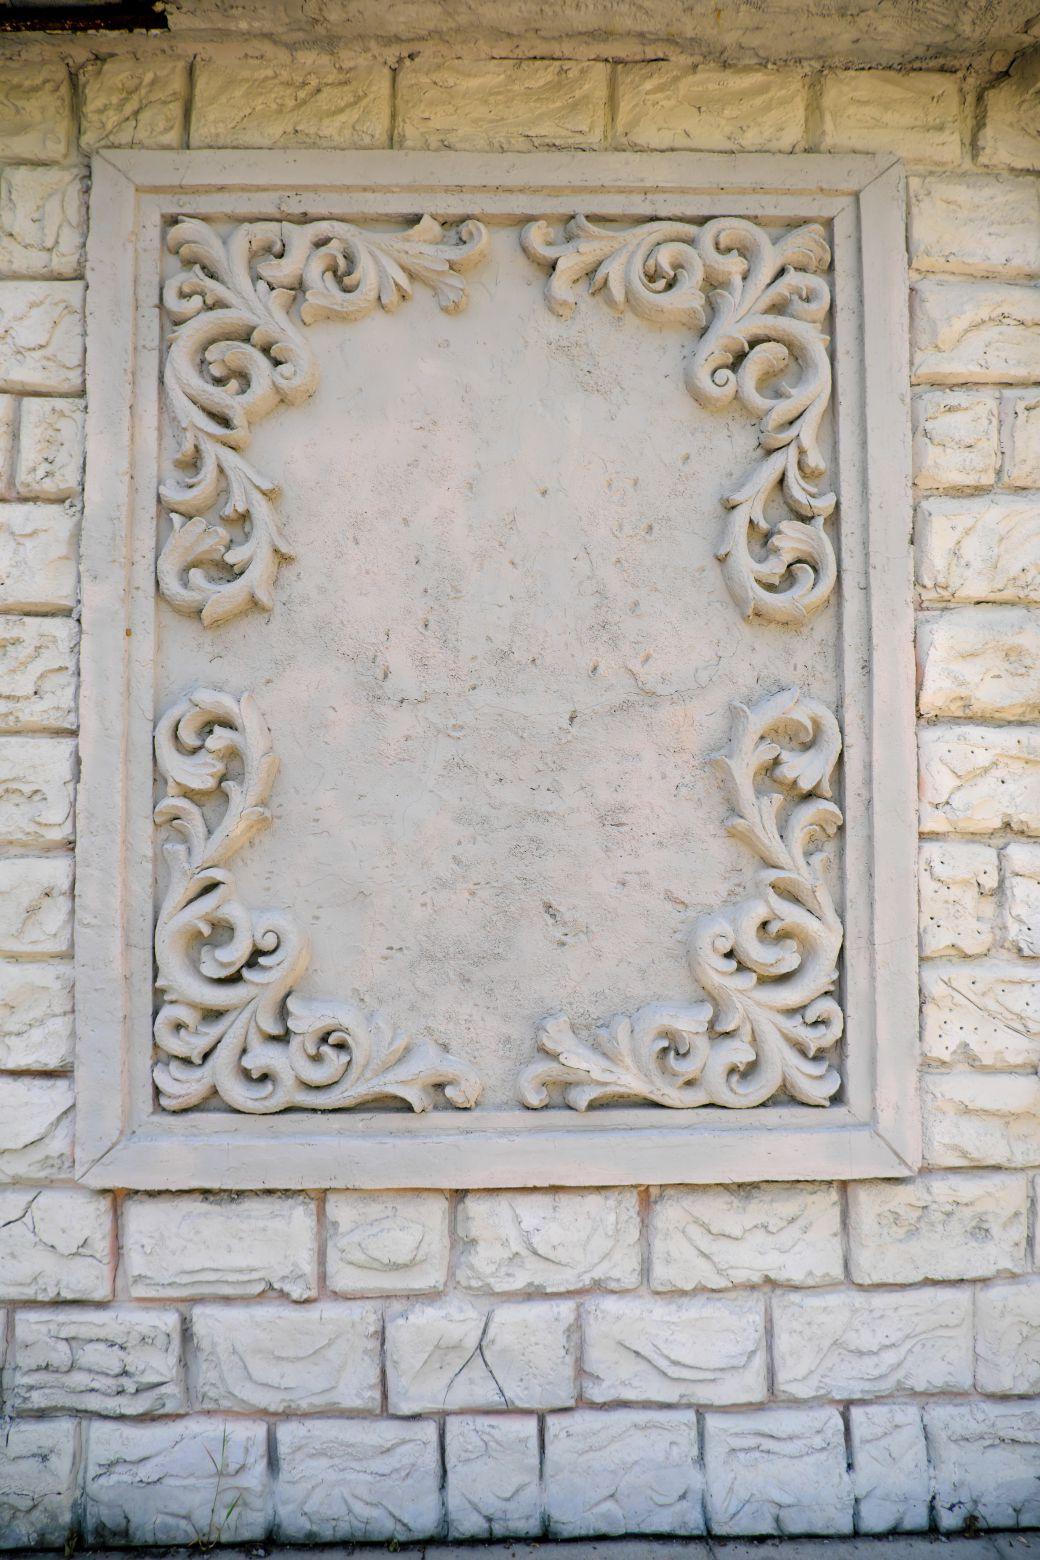 雅典风格石框背景图像 - 免费图像下载